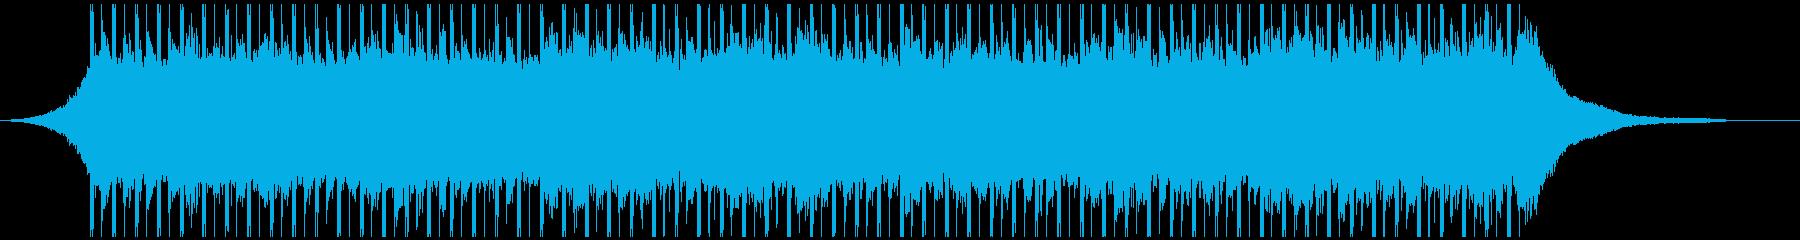 コーポレートアップビート(40秒)の再生済みの波形